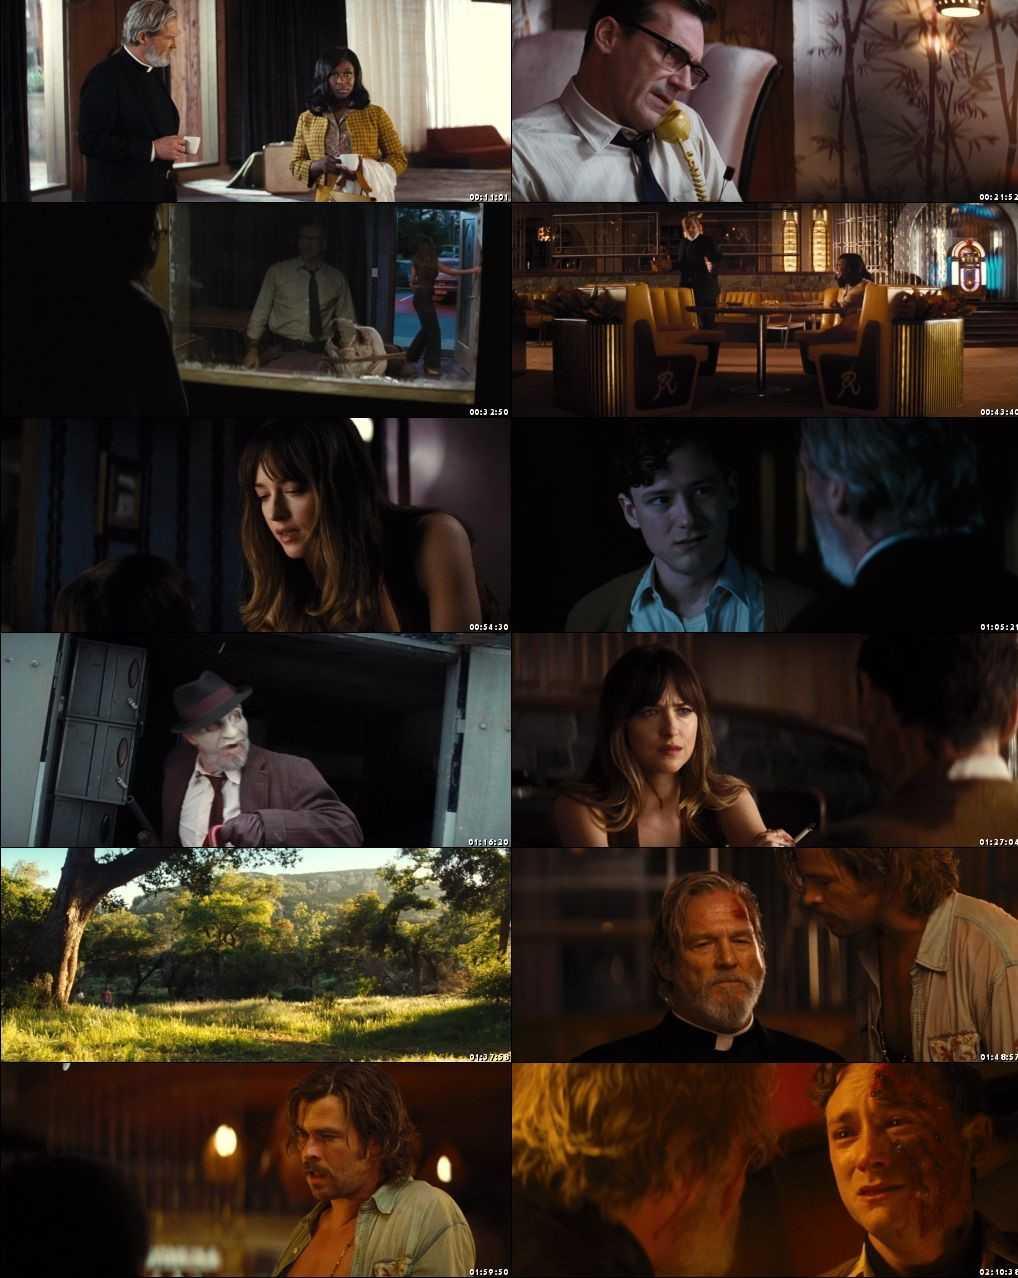 Bad Times At The El Royale 2018 Screenshot 1080p